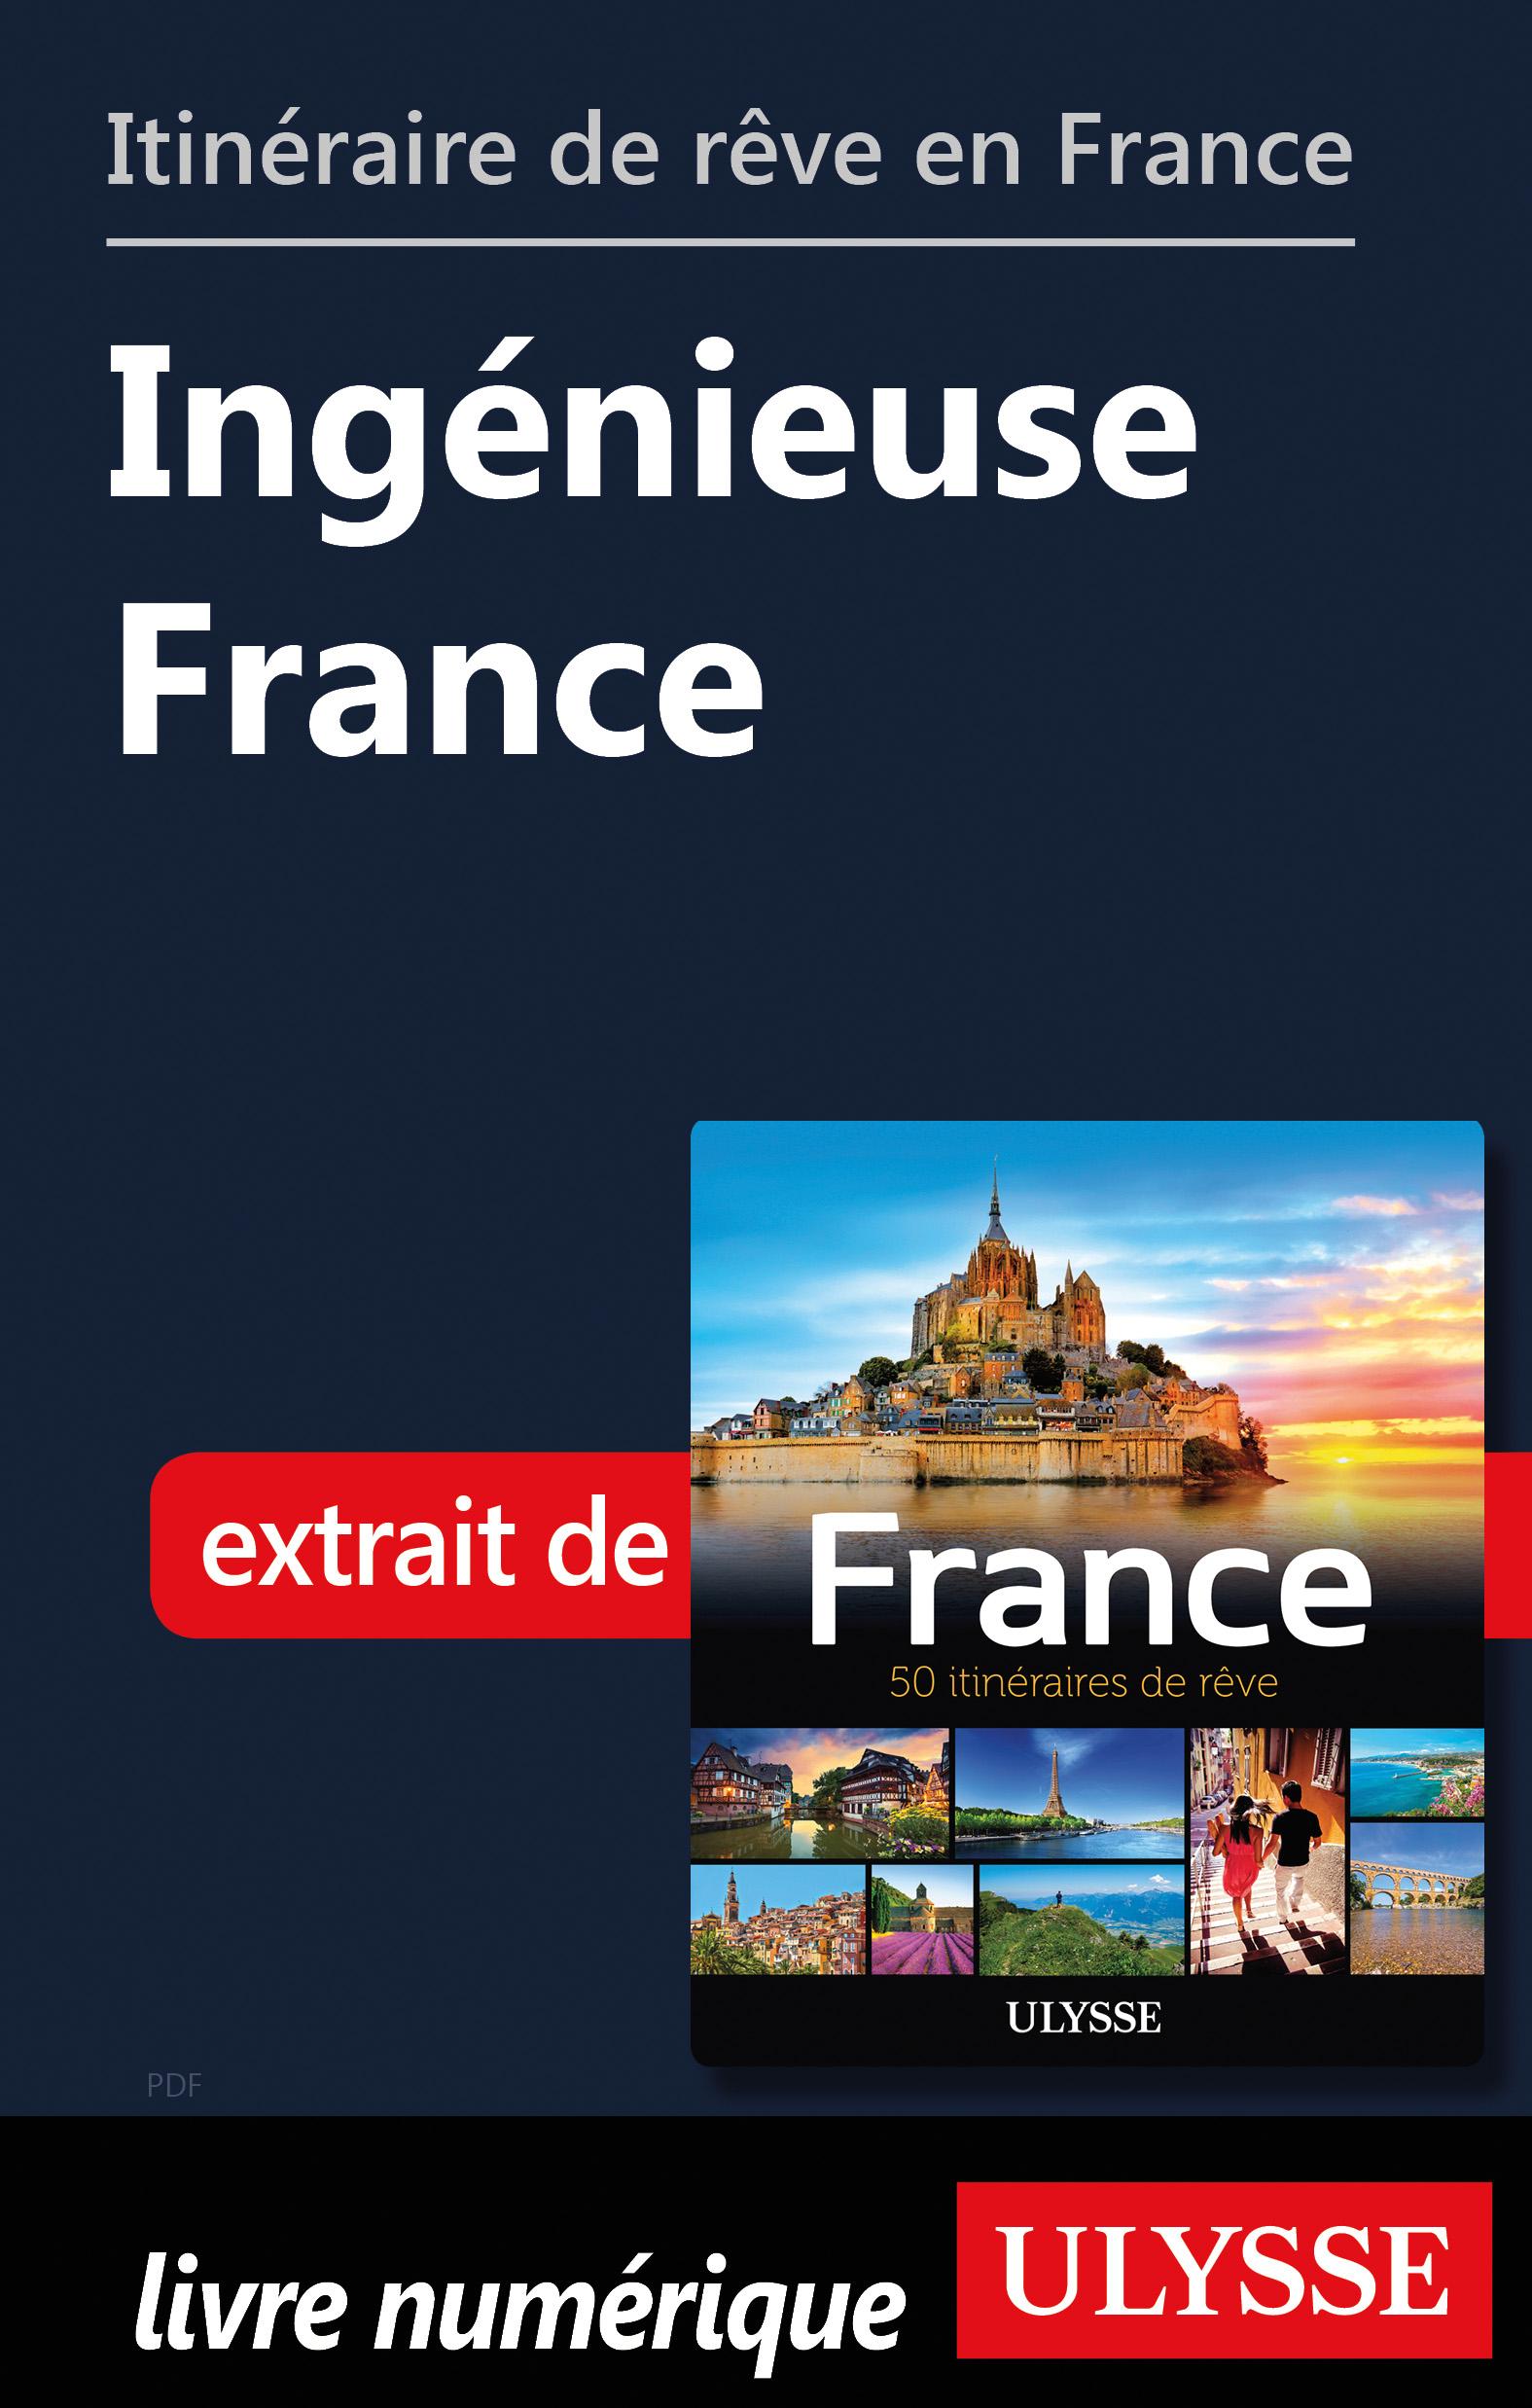 Itinéraire de rêve en France - Ingénieuse France